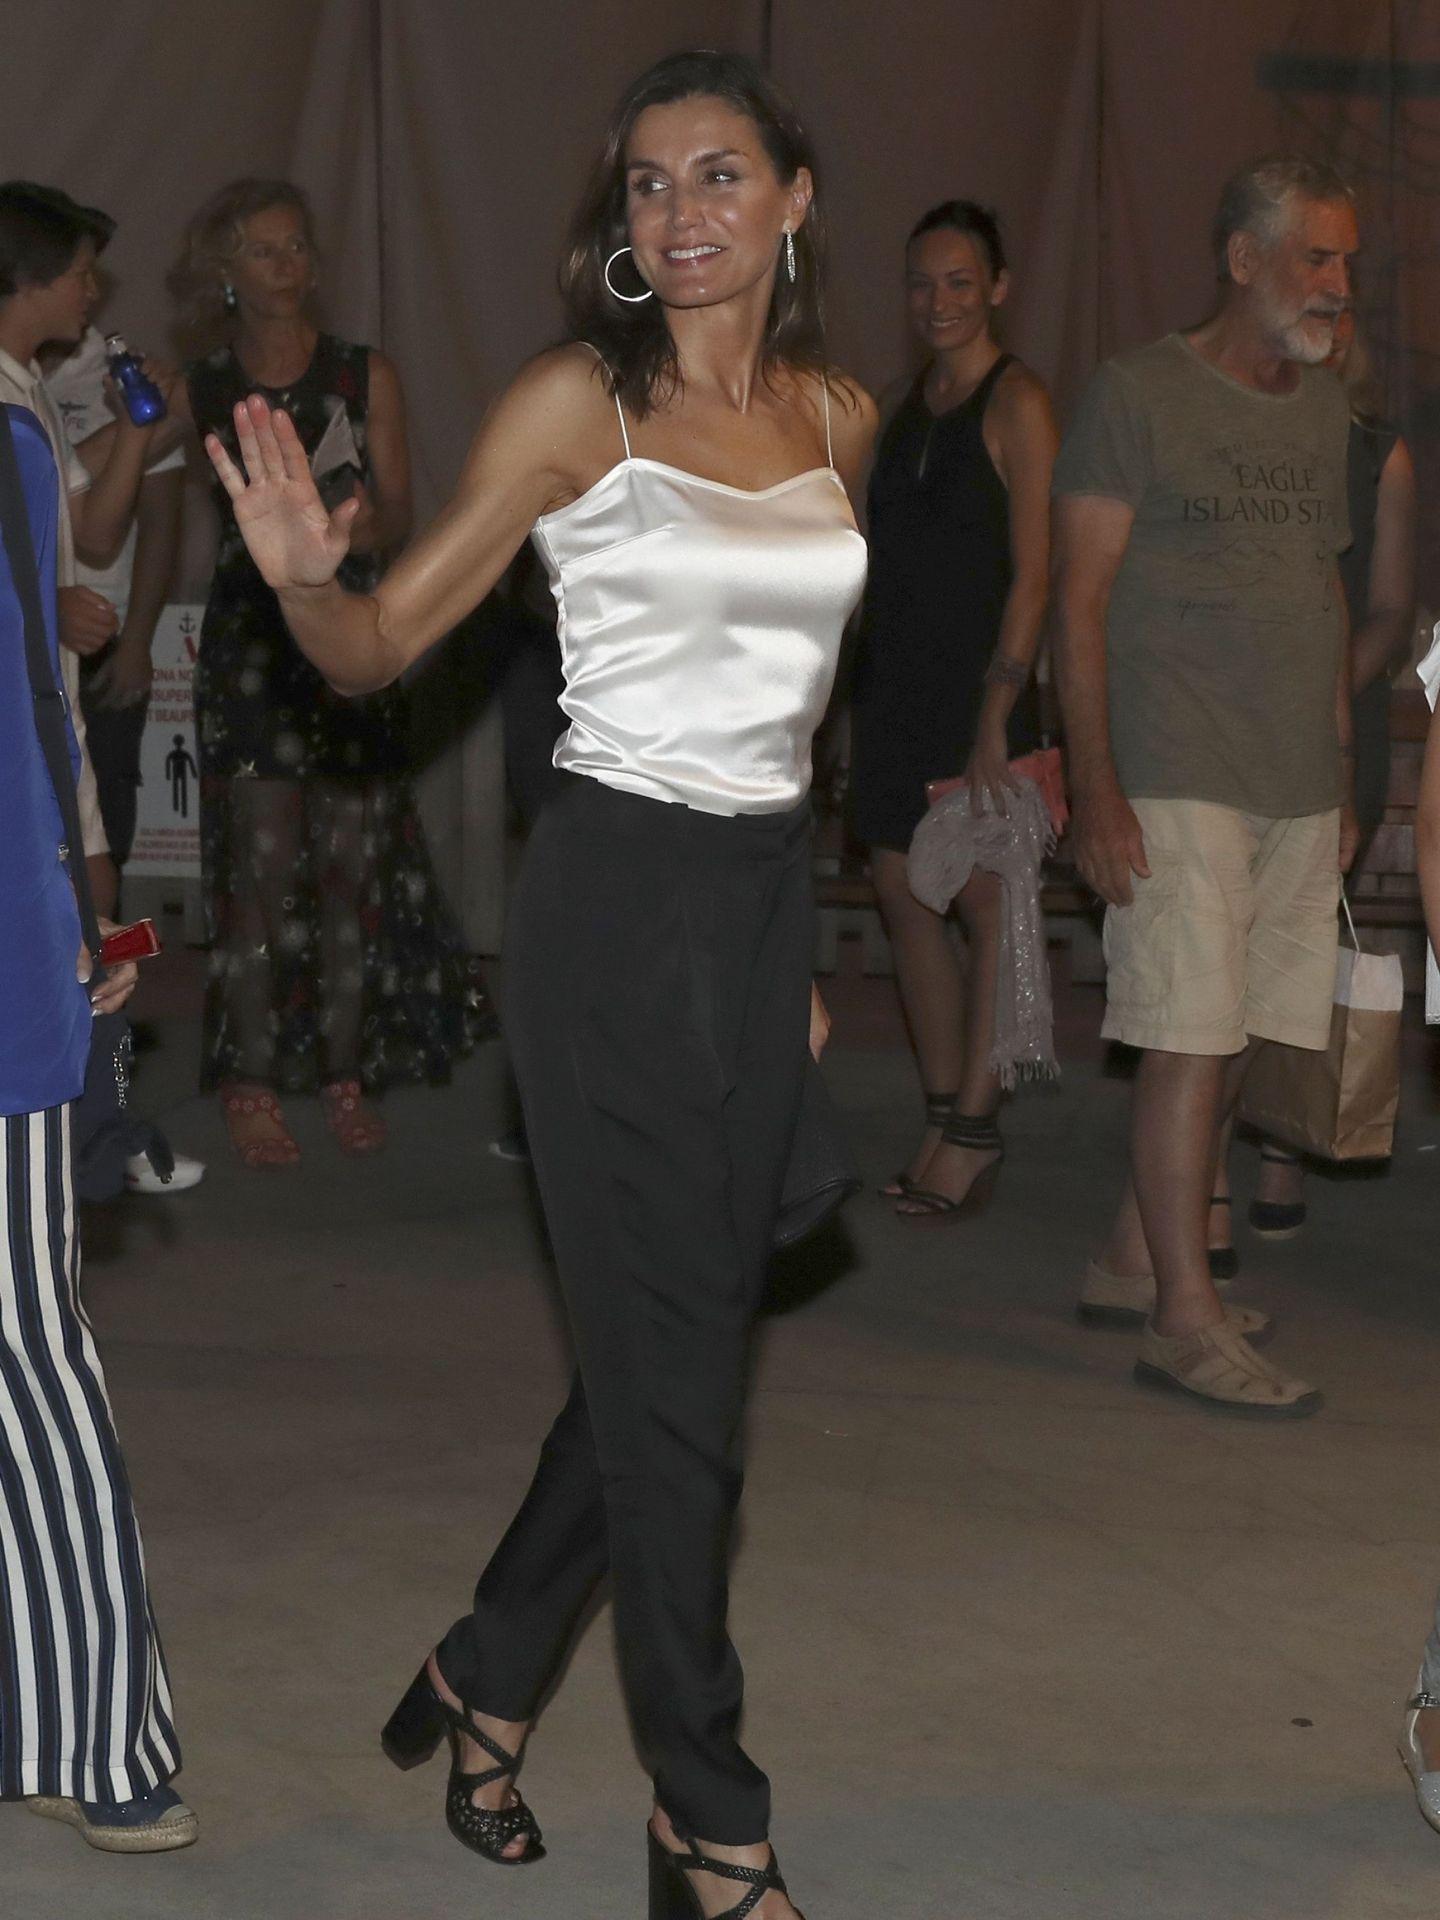 La reina Letizia a su salida del concierto del violinista Ara Malikian en Port Adriano, en Palma de Mallorca. (EFE)